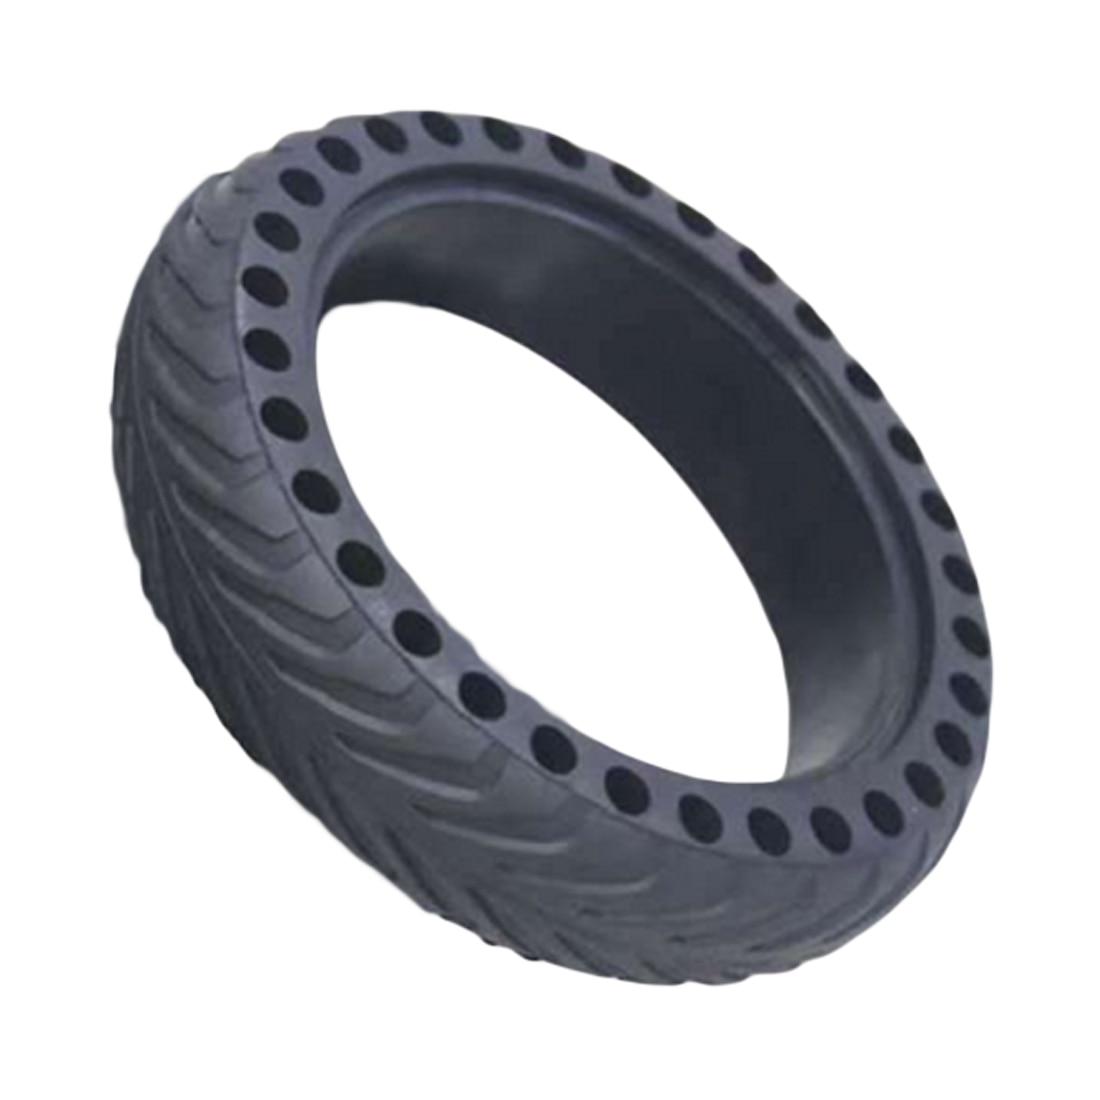 Nouveaux pneus pneumatiques durables chauds 8.5